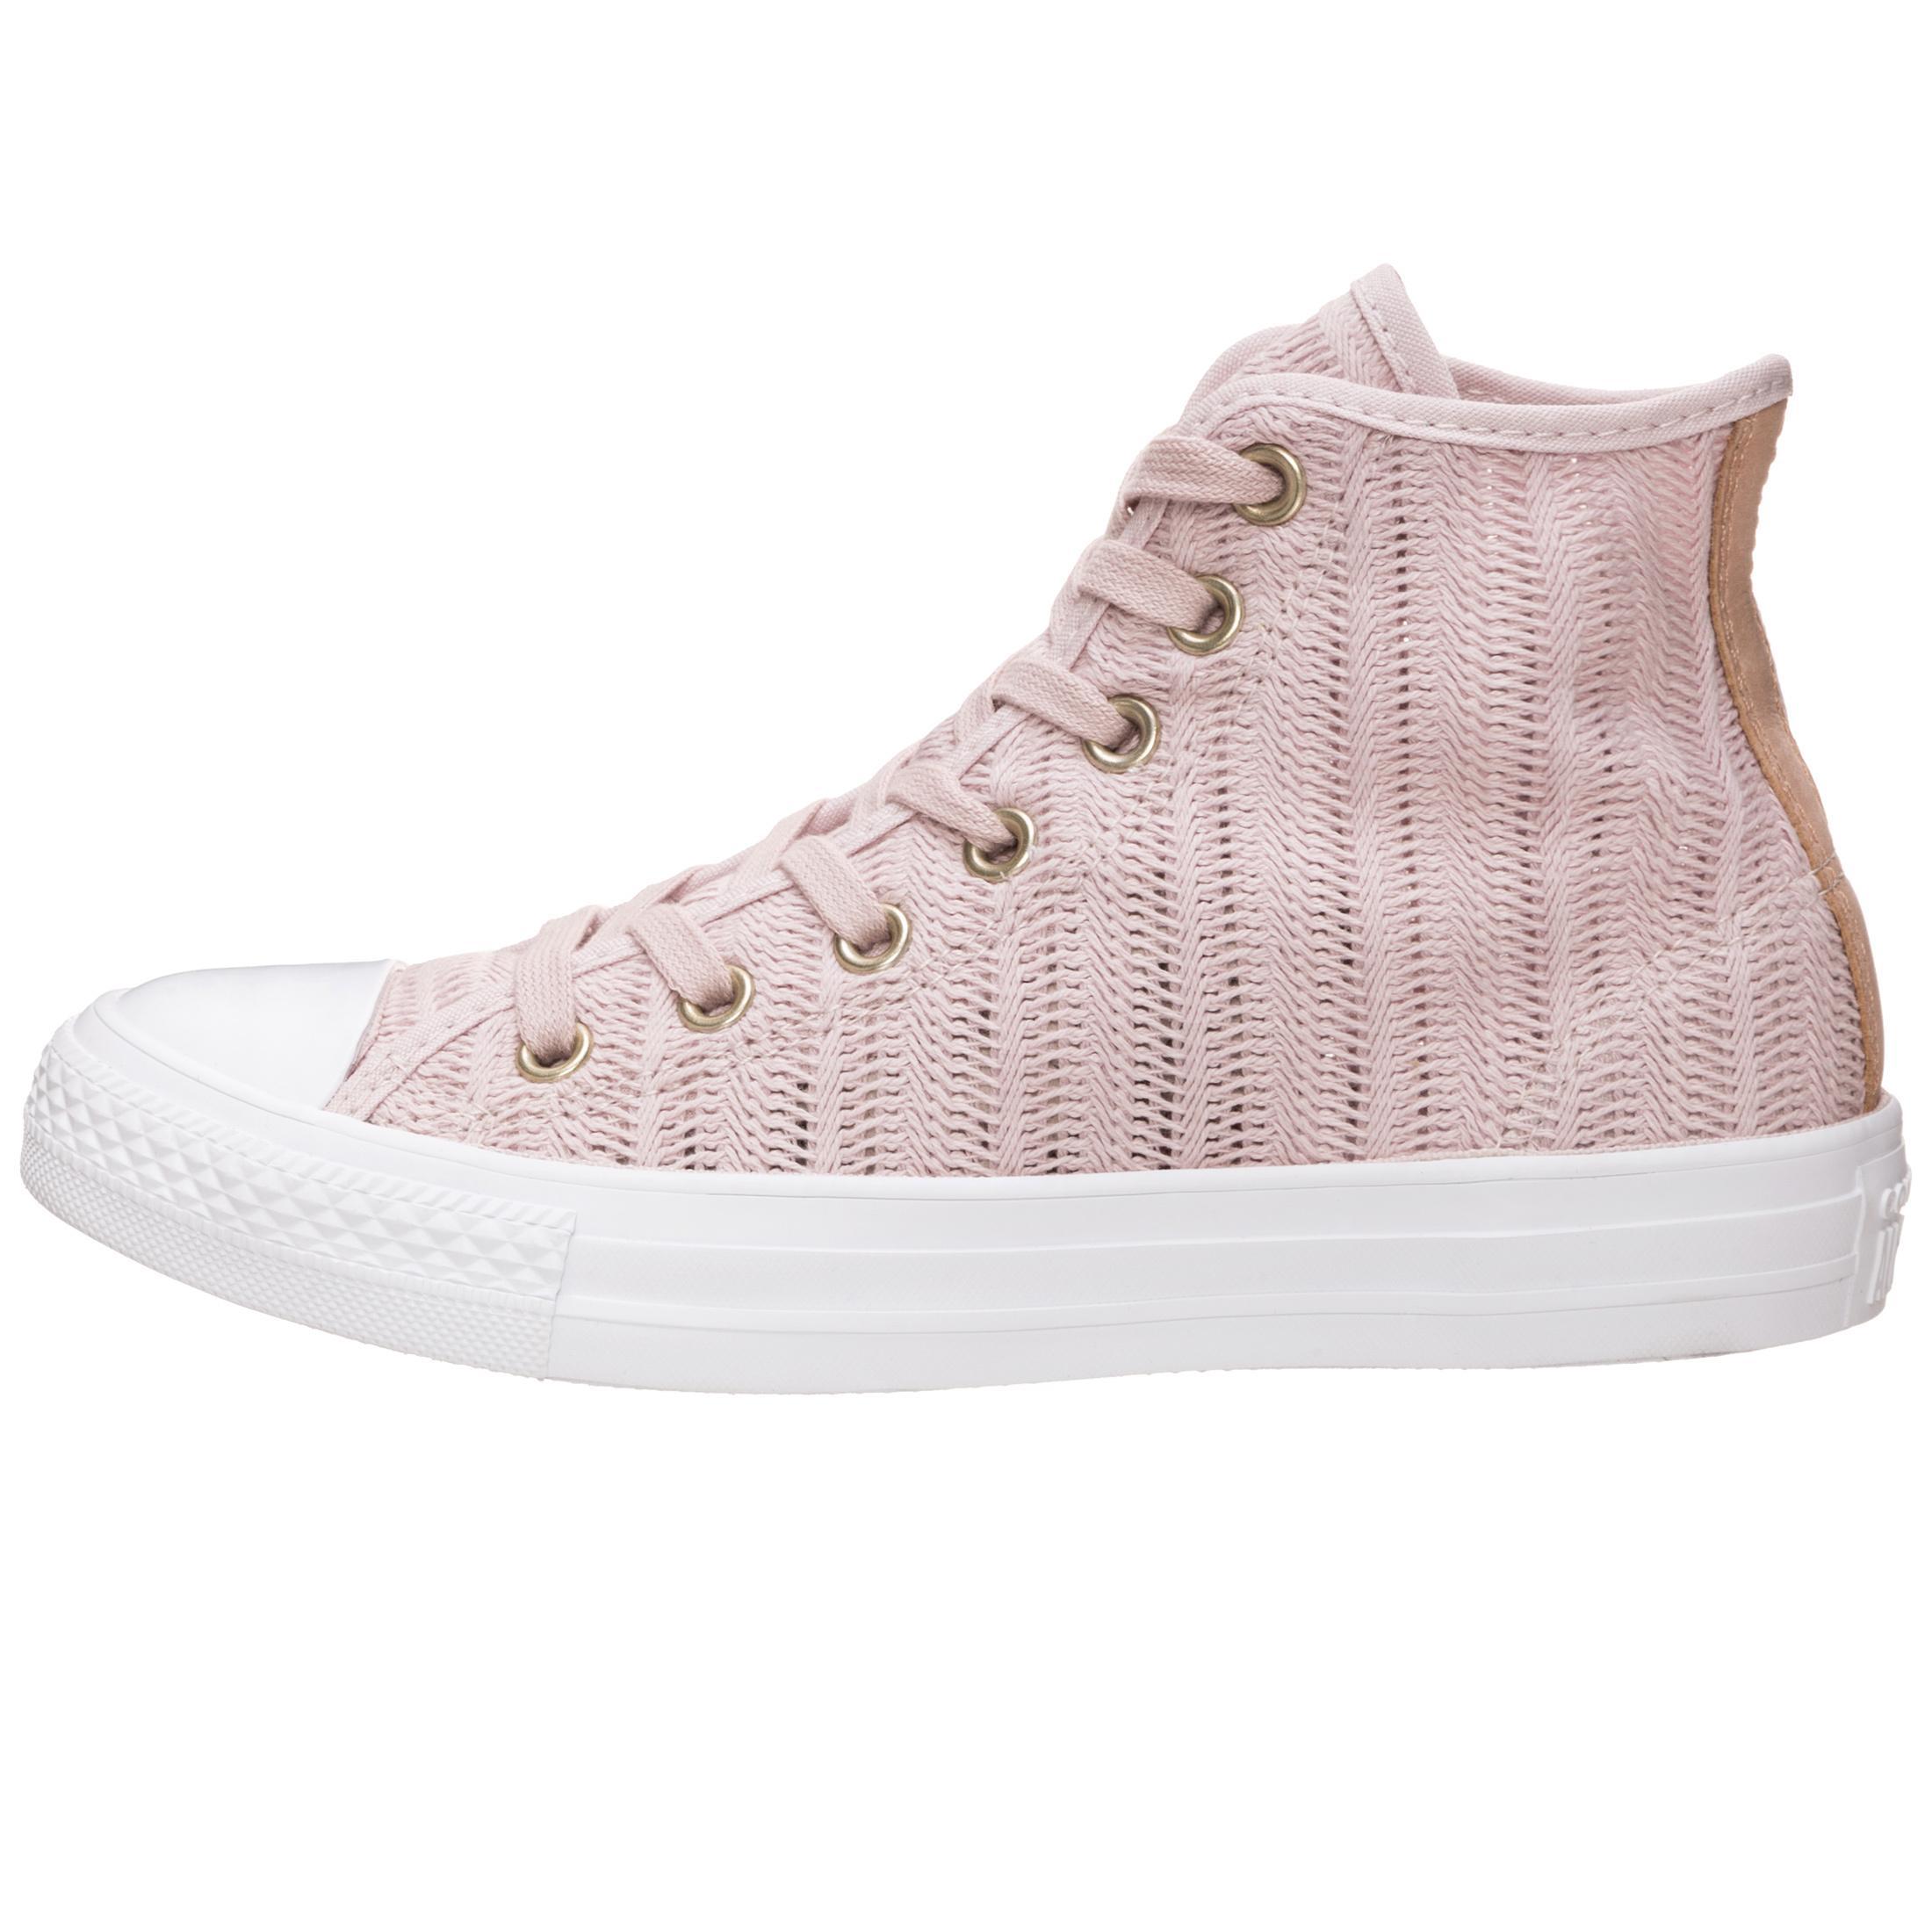 CONVERSE Chuck Taylor All Star Turnschuhe Damen im Rosa im Damen Online Shop von SportScheck kaufen Gute Qualität beliebte Schuhe 8252f3